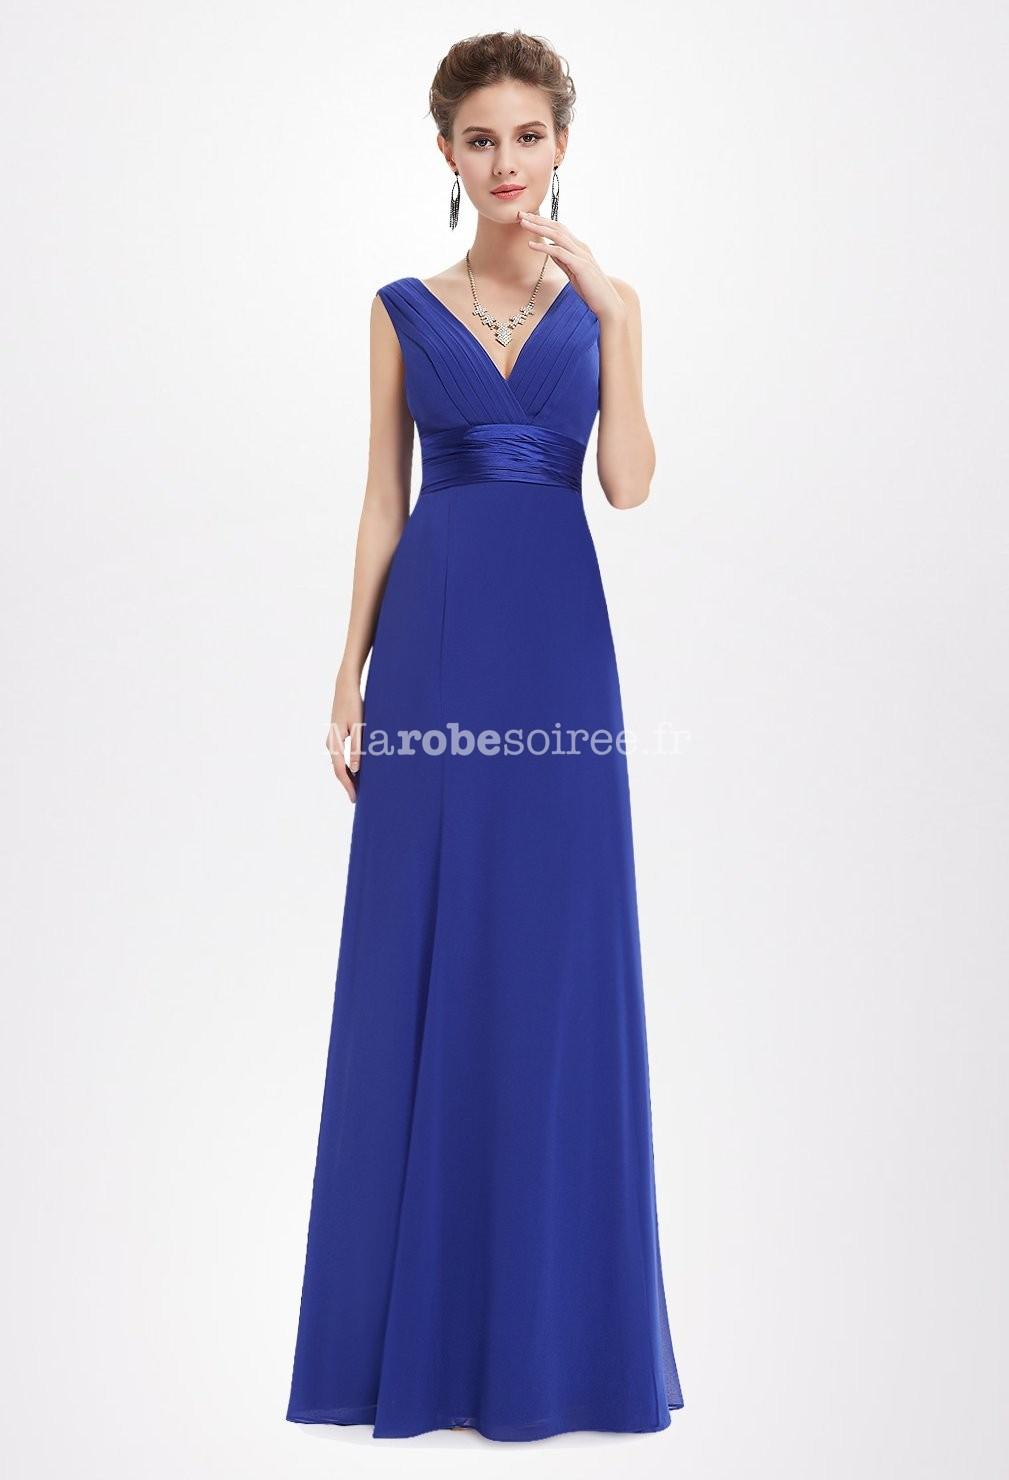 robe de soir e bleu roi taille marqu e. Black Bedroom Furniture Sets. Home Design Ideas